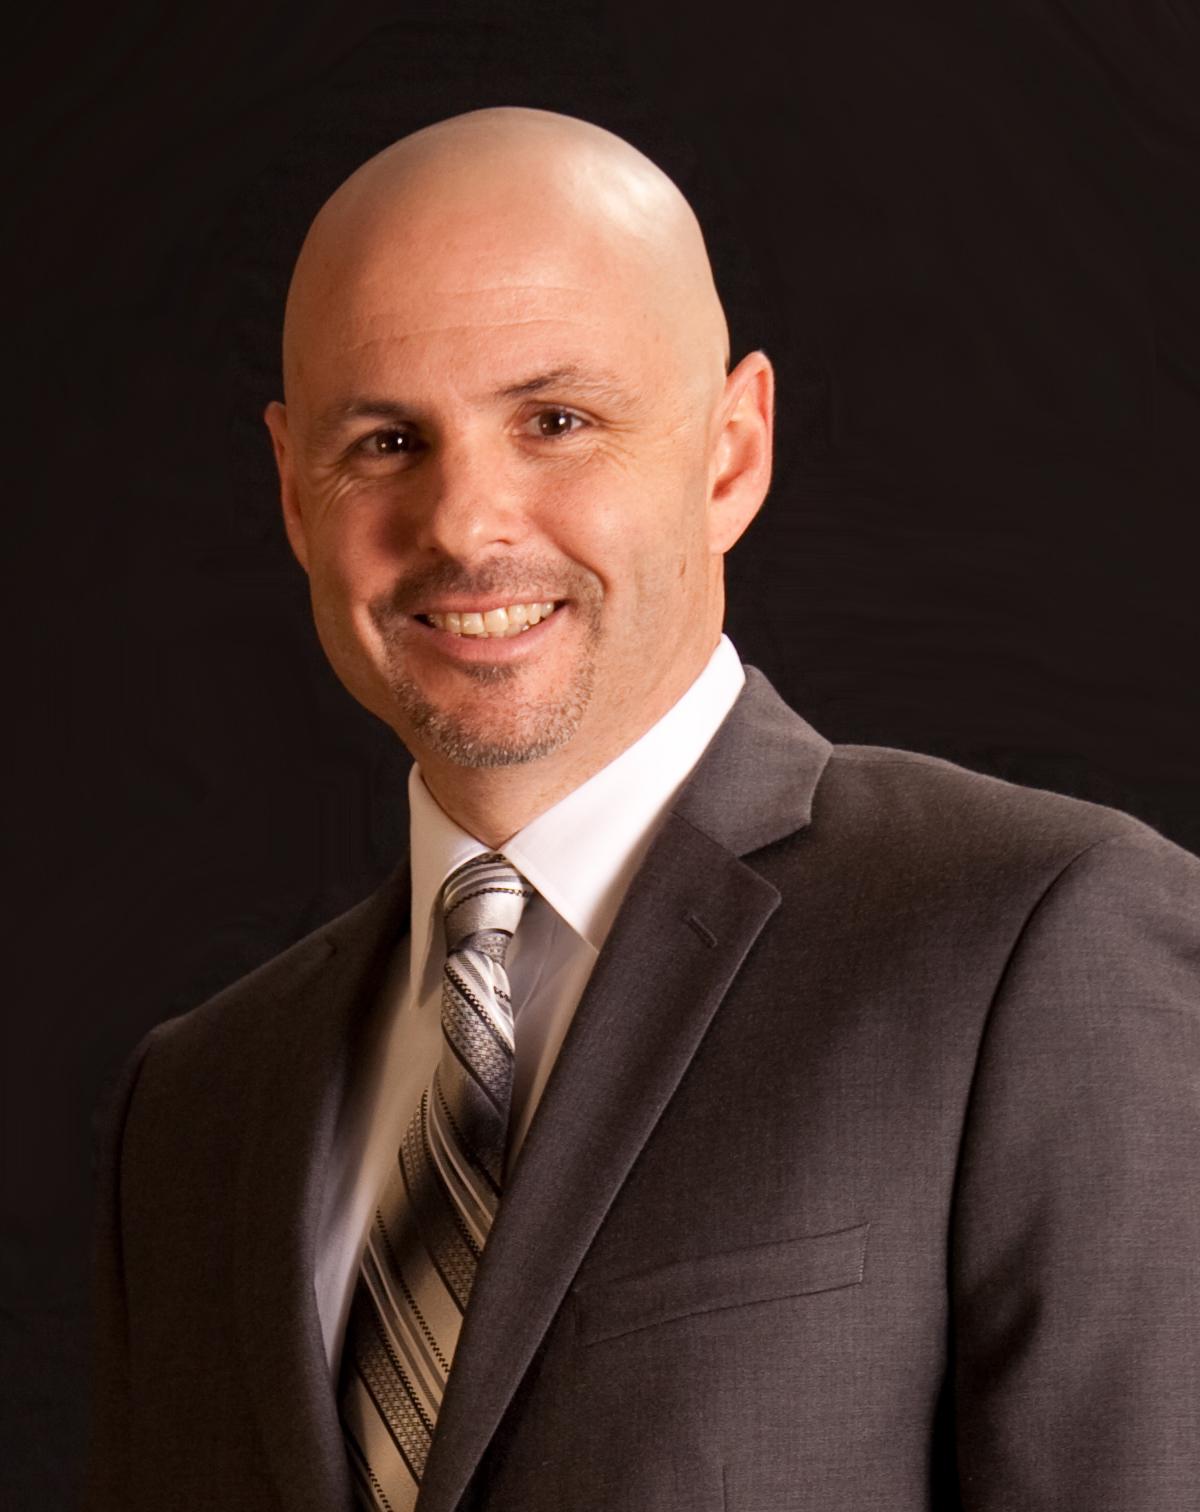 Erik Therwanger - Author, Speaker, Coach